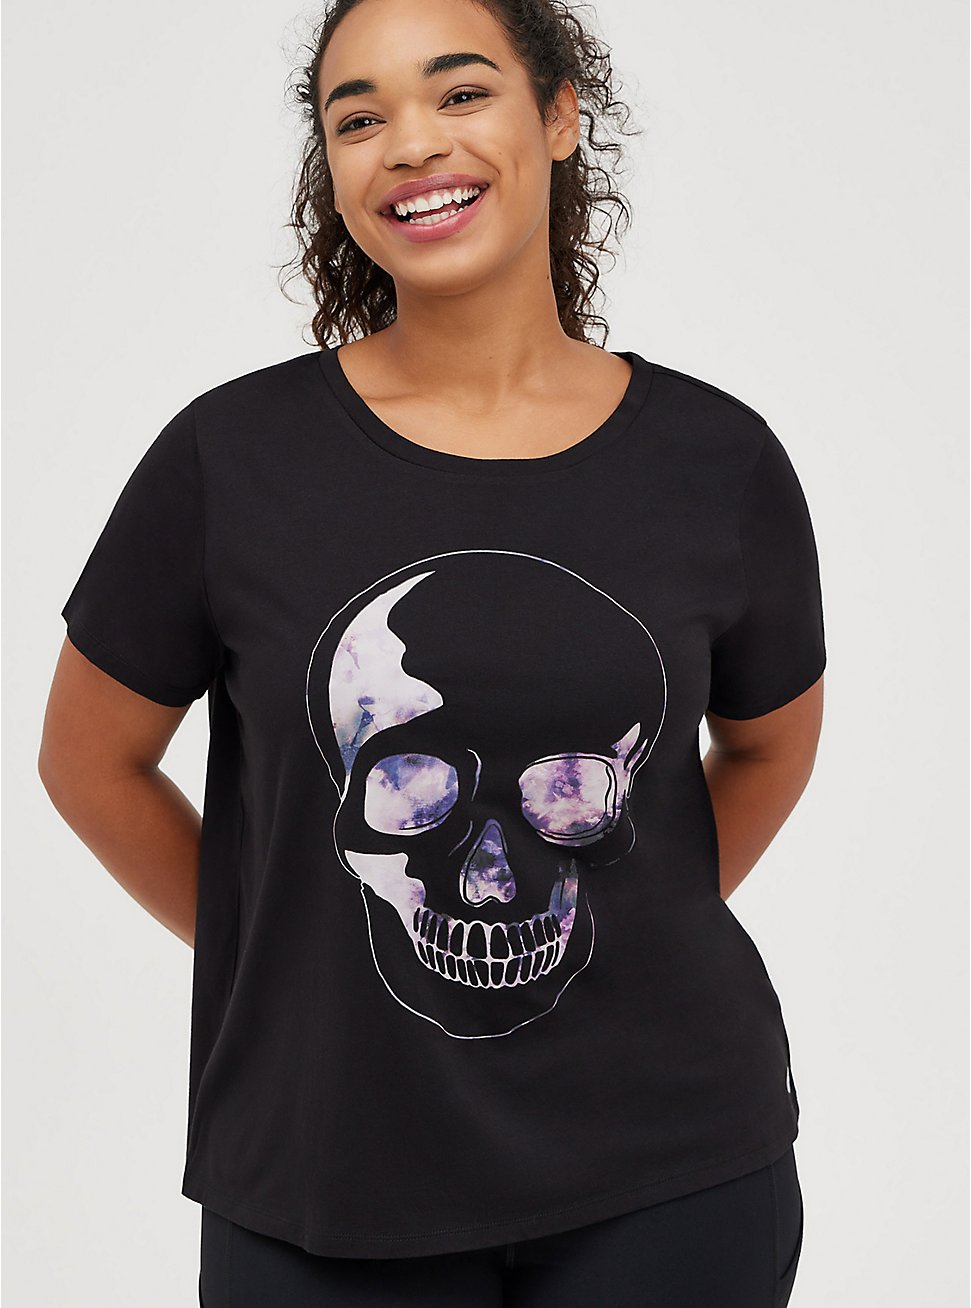 Wicking Active Tee - Skull Tie Dye Black, DEEP BLACK, hi-res